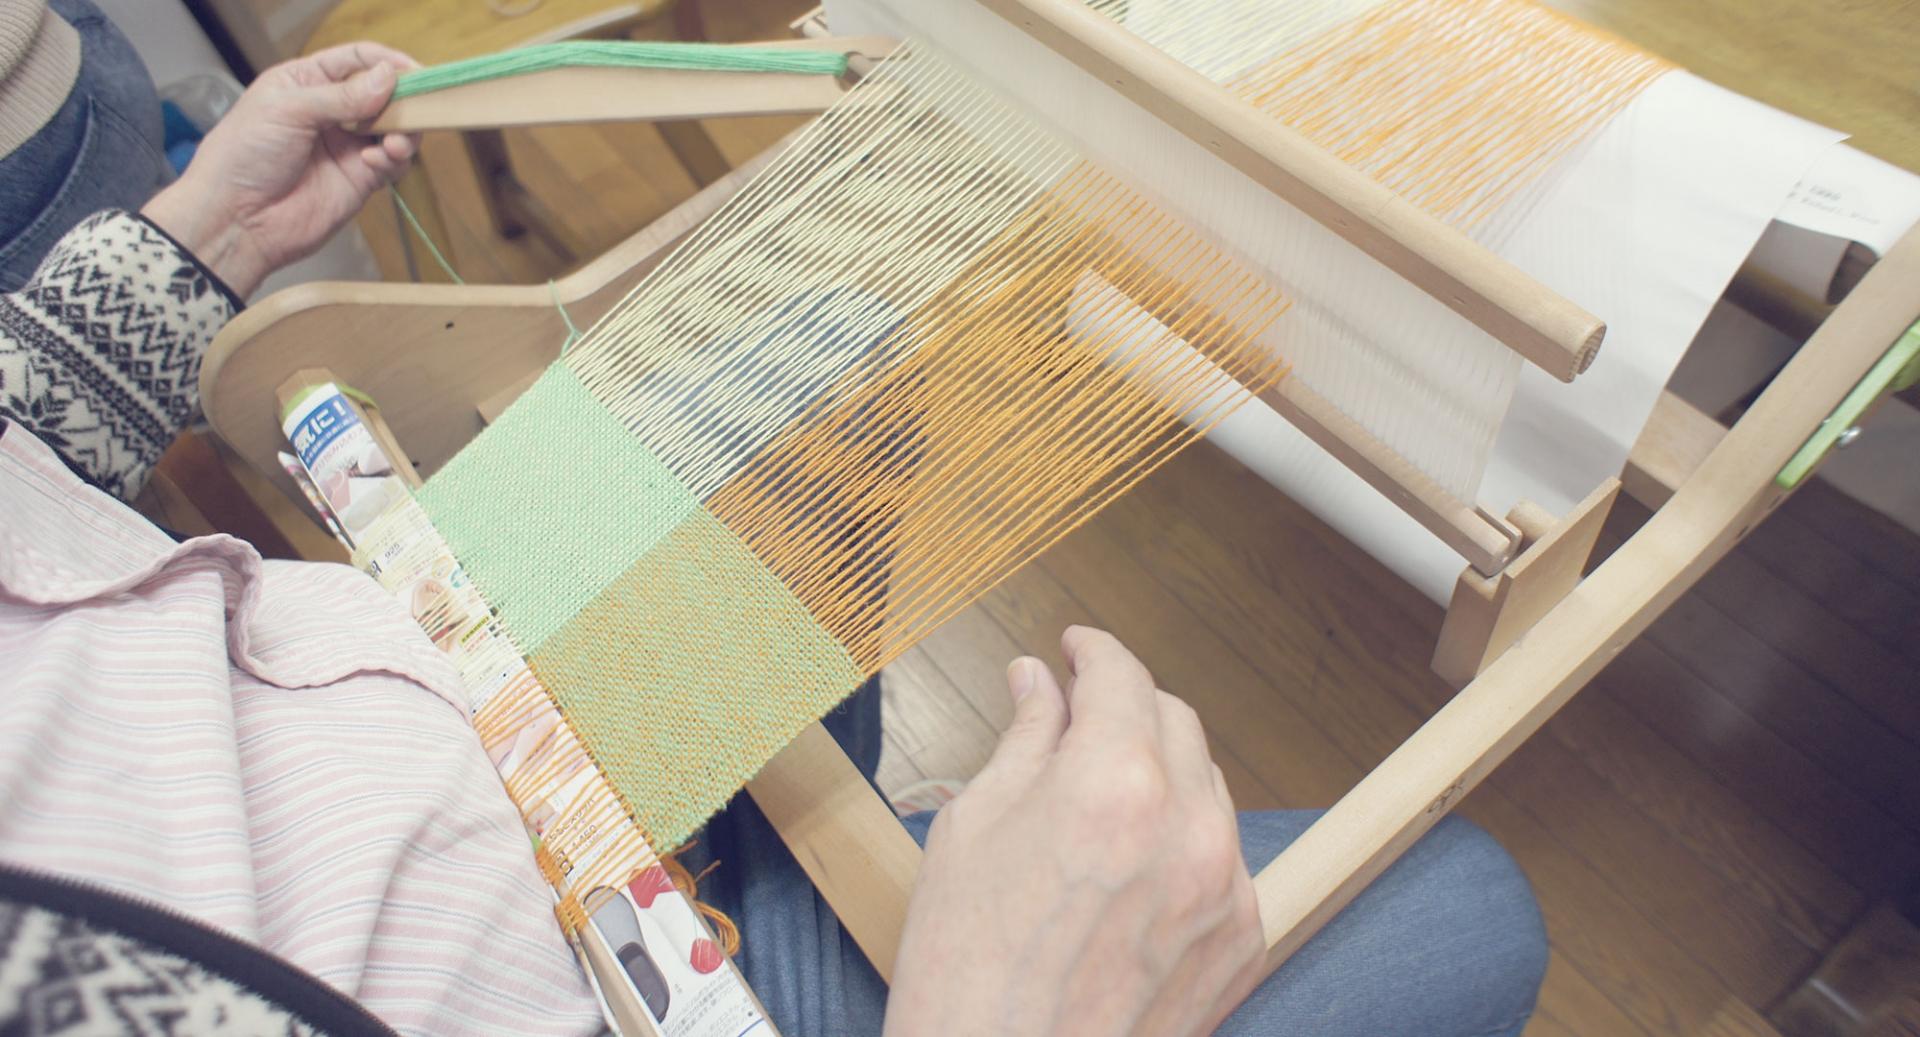 手工芸品を作ることもセサミ工房での仕事のひとつ